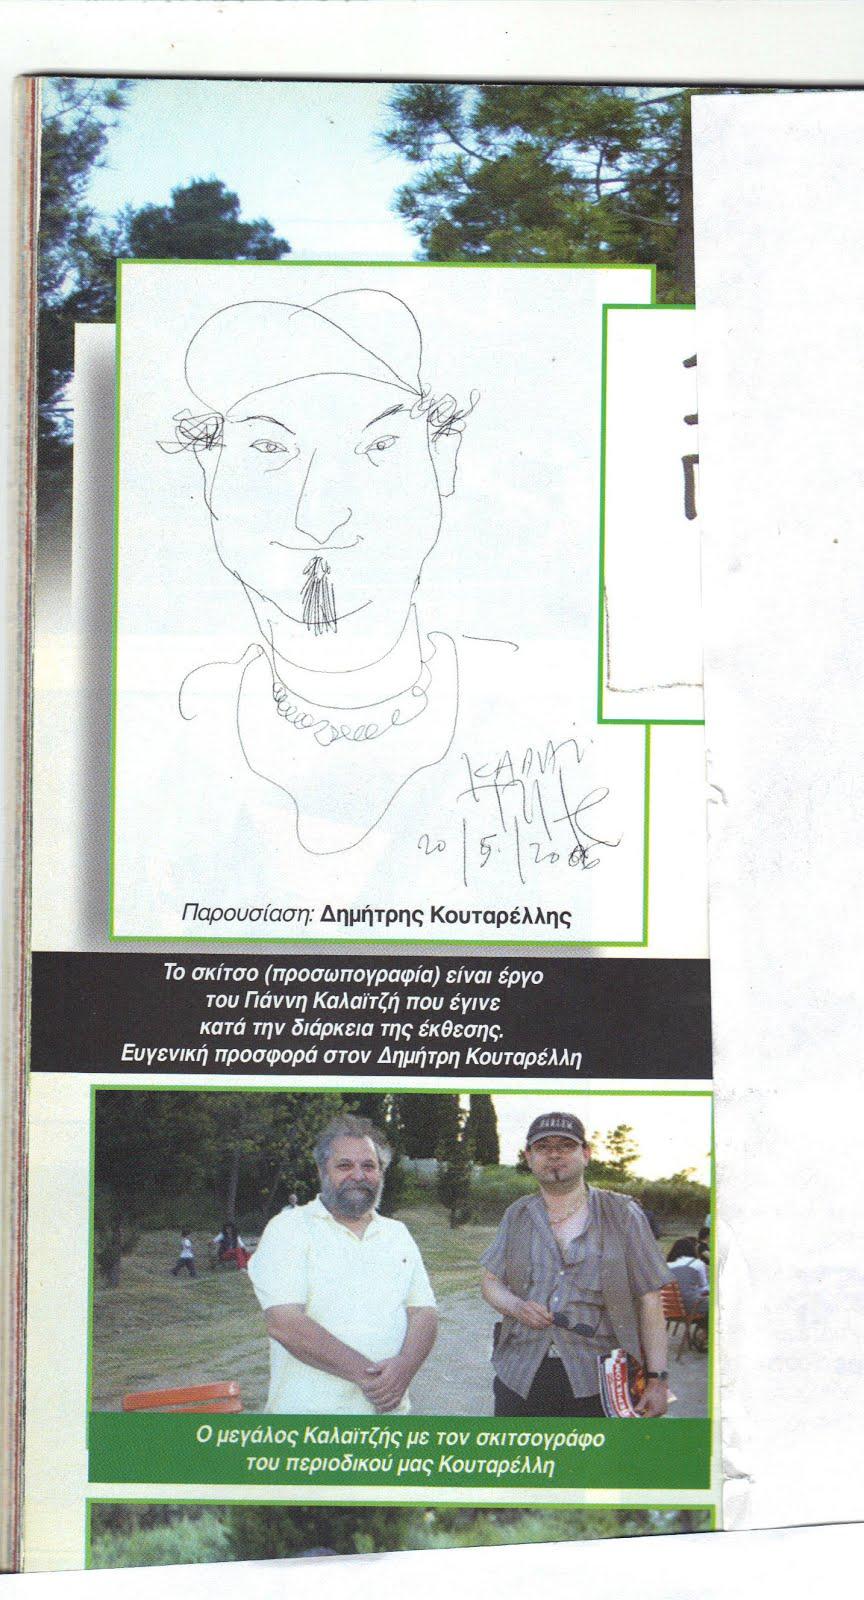 2006 LEVADYA  KALAITZIS